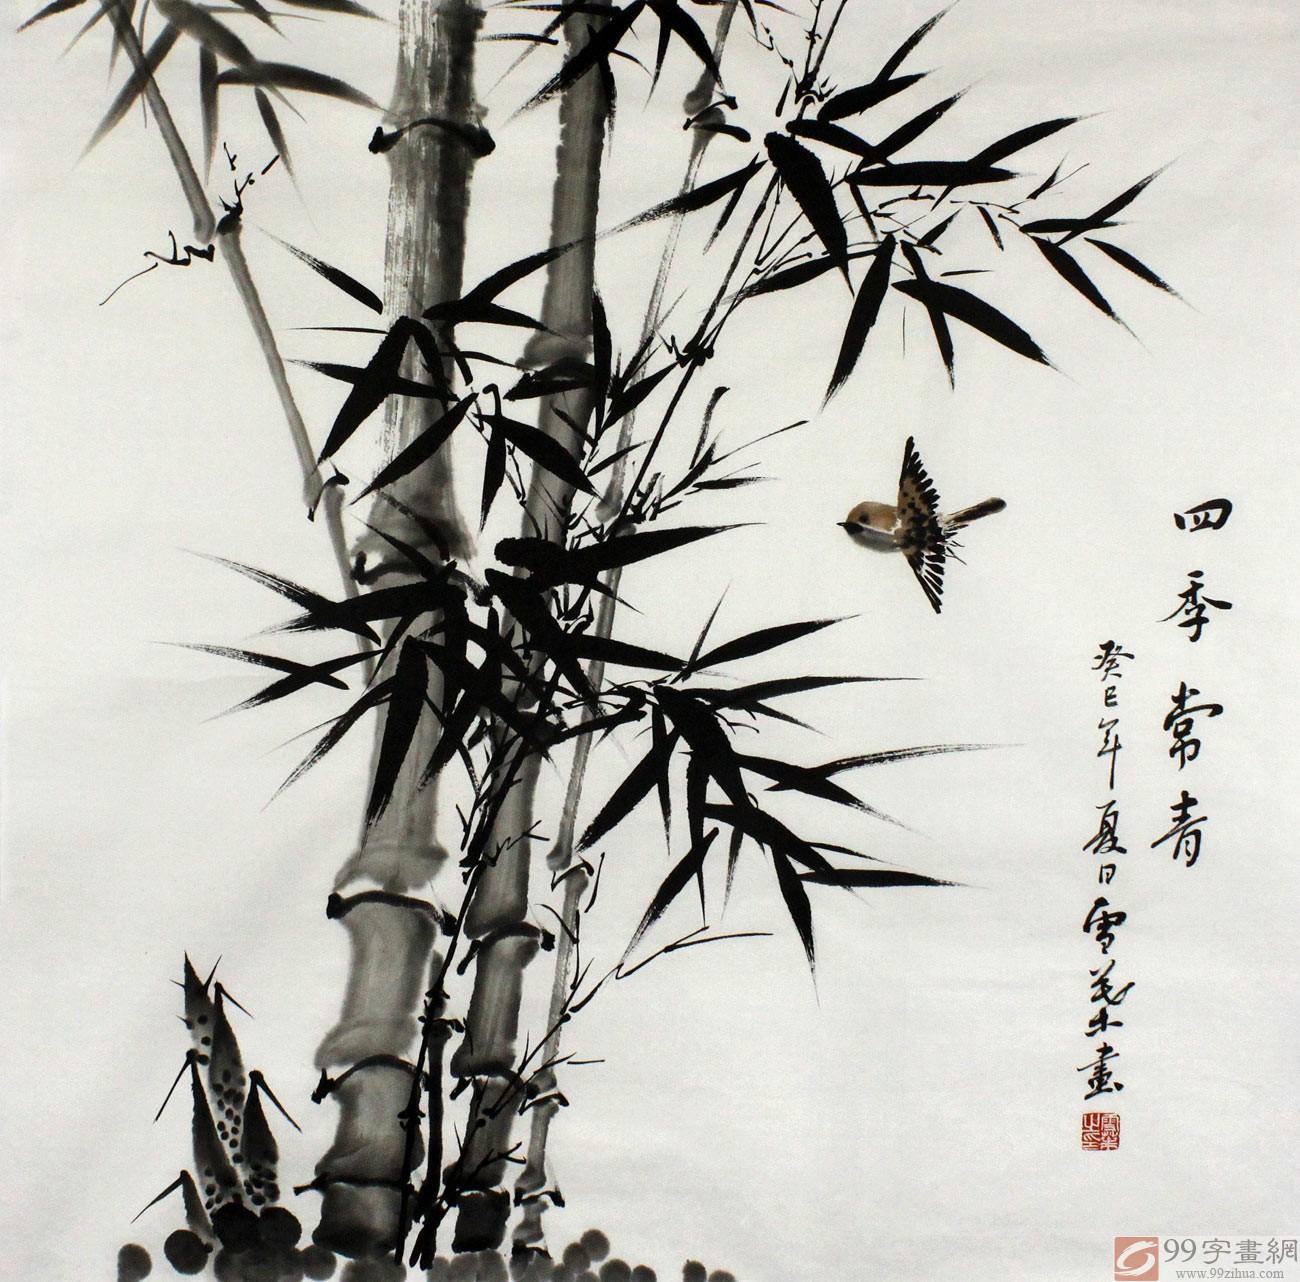 何华贤先生的水墨写意竹子图,竹叶墨色浓淡相宜,寥寥数笔将竹叶勾勒成